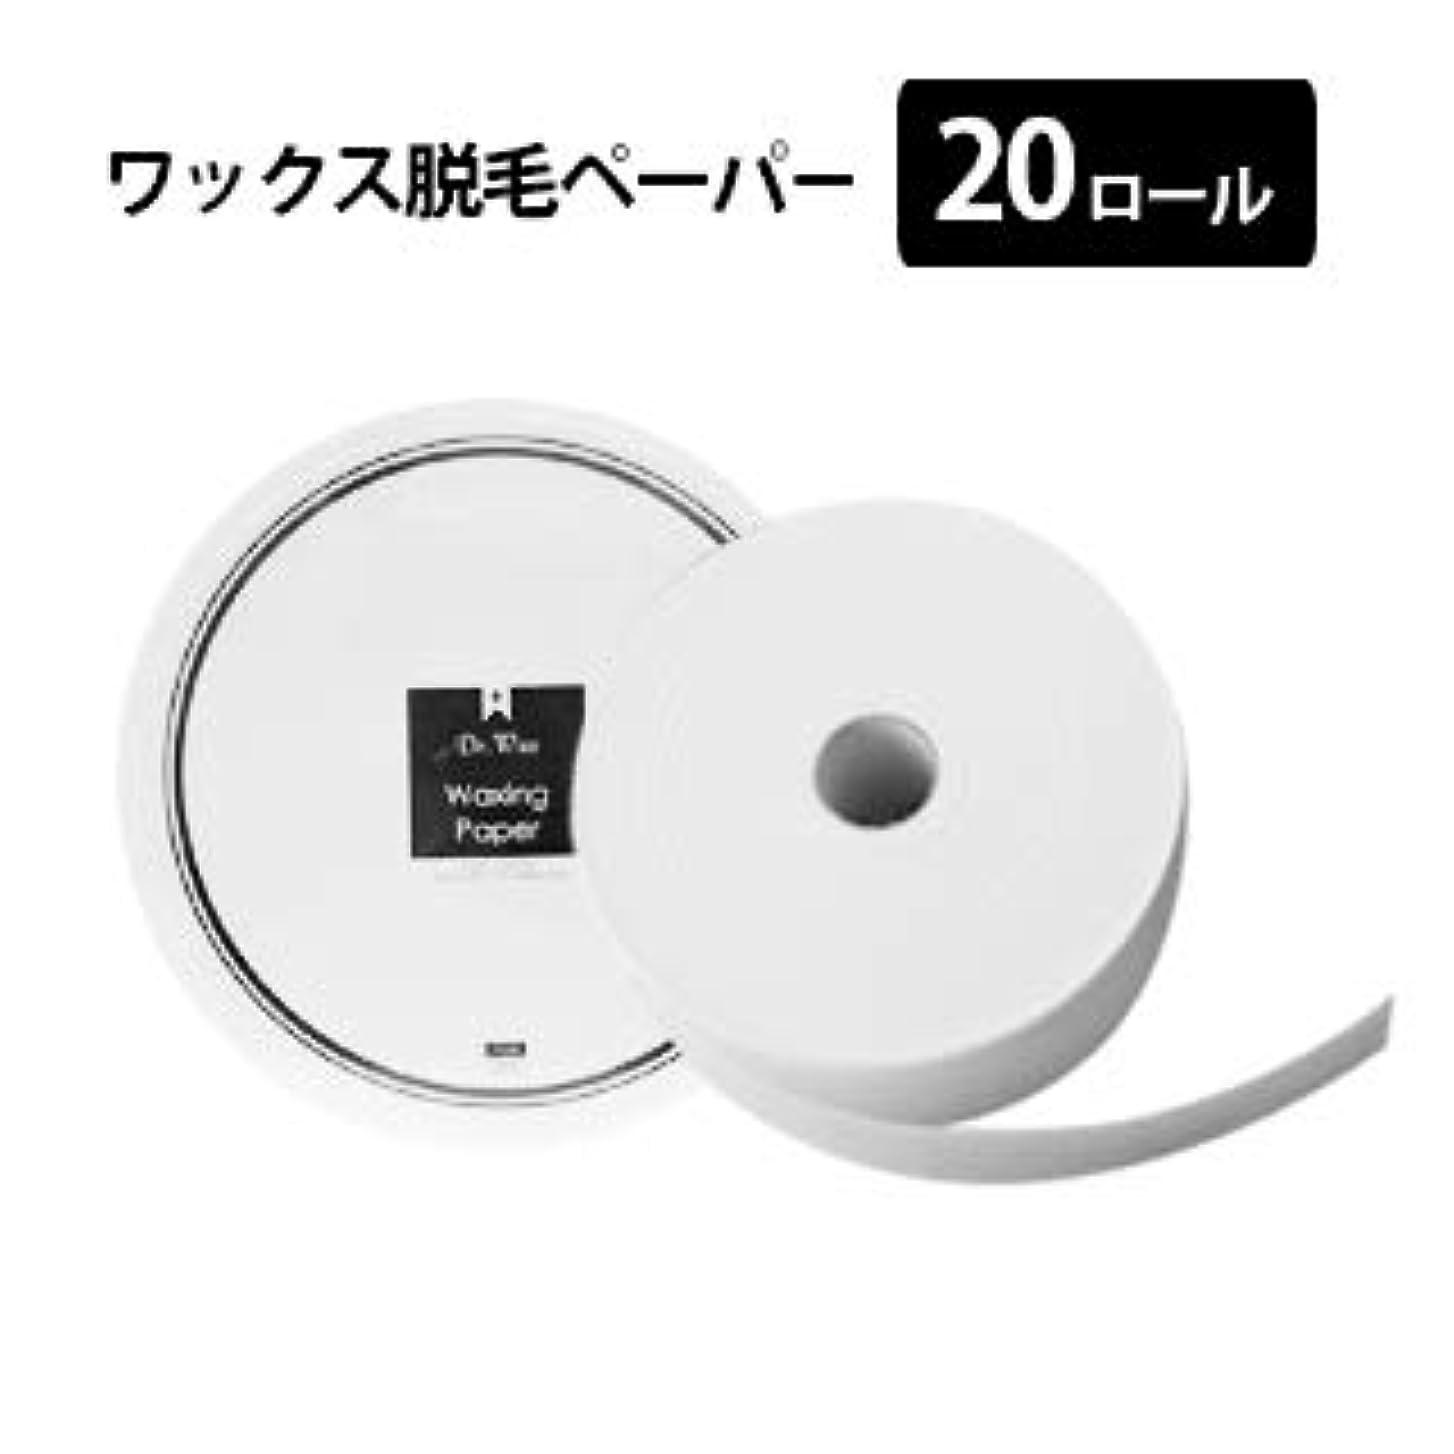 容疑者スマート合わせて【20ロール】ワックスロールペーパー 7cm スパンレース素材